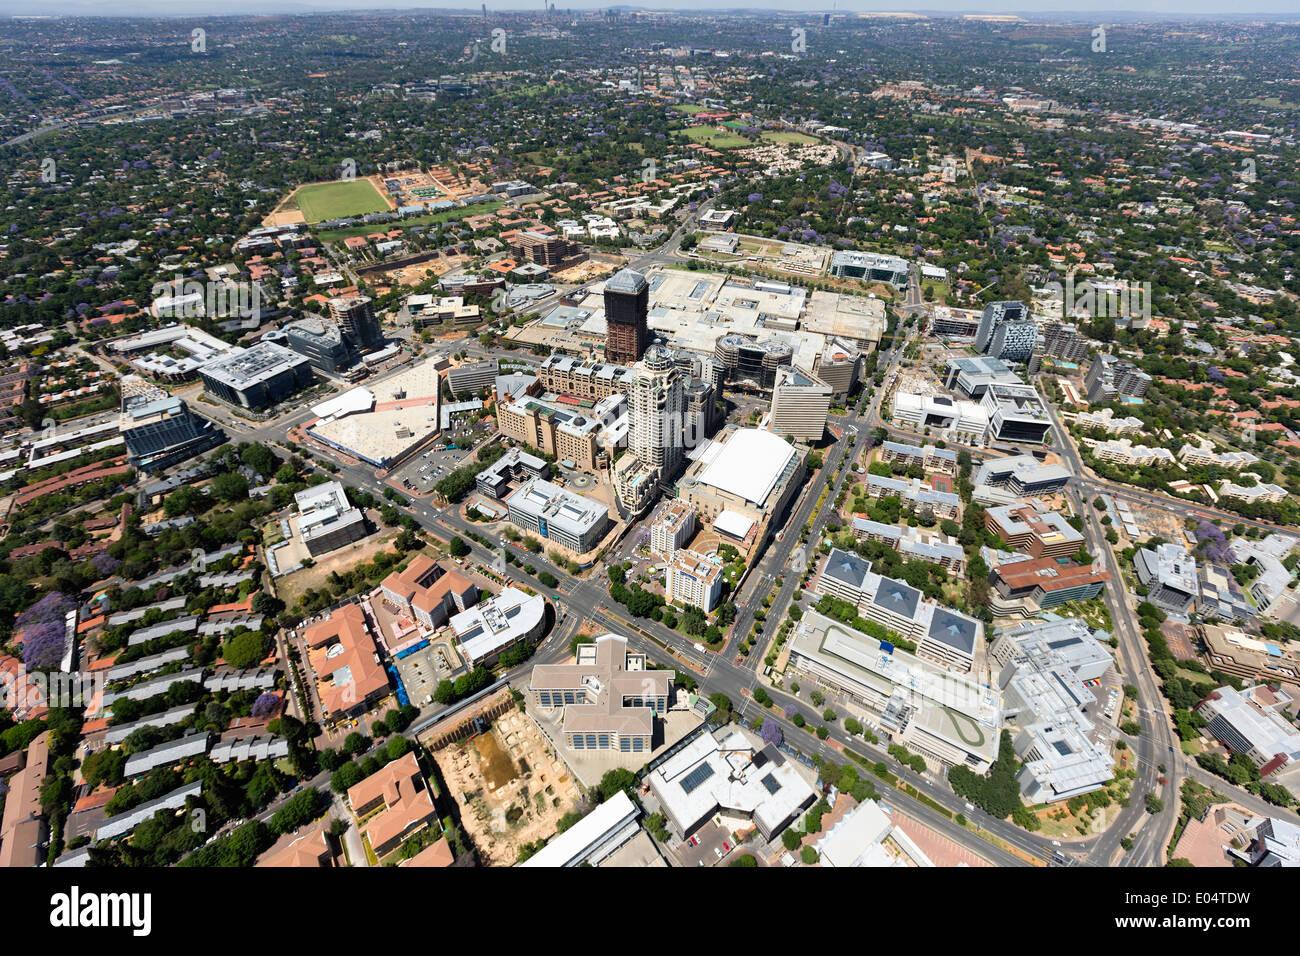 Vue aérienne de Sandton, immeubles de grande hauteur, Johannesburg, Afrique du Sud. Banque D'Images